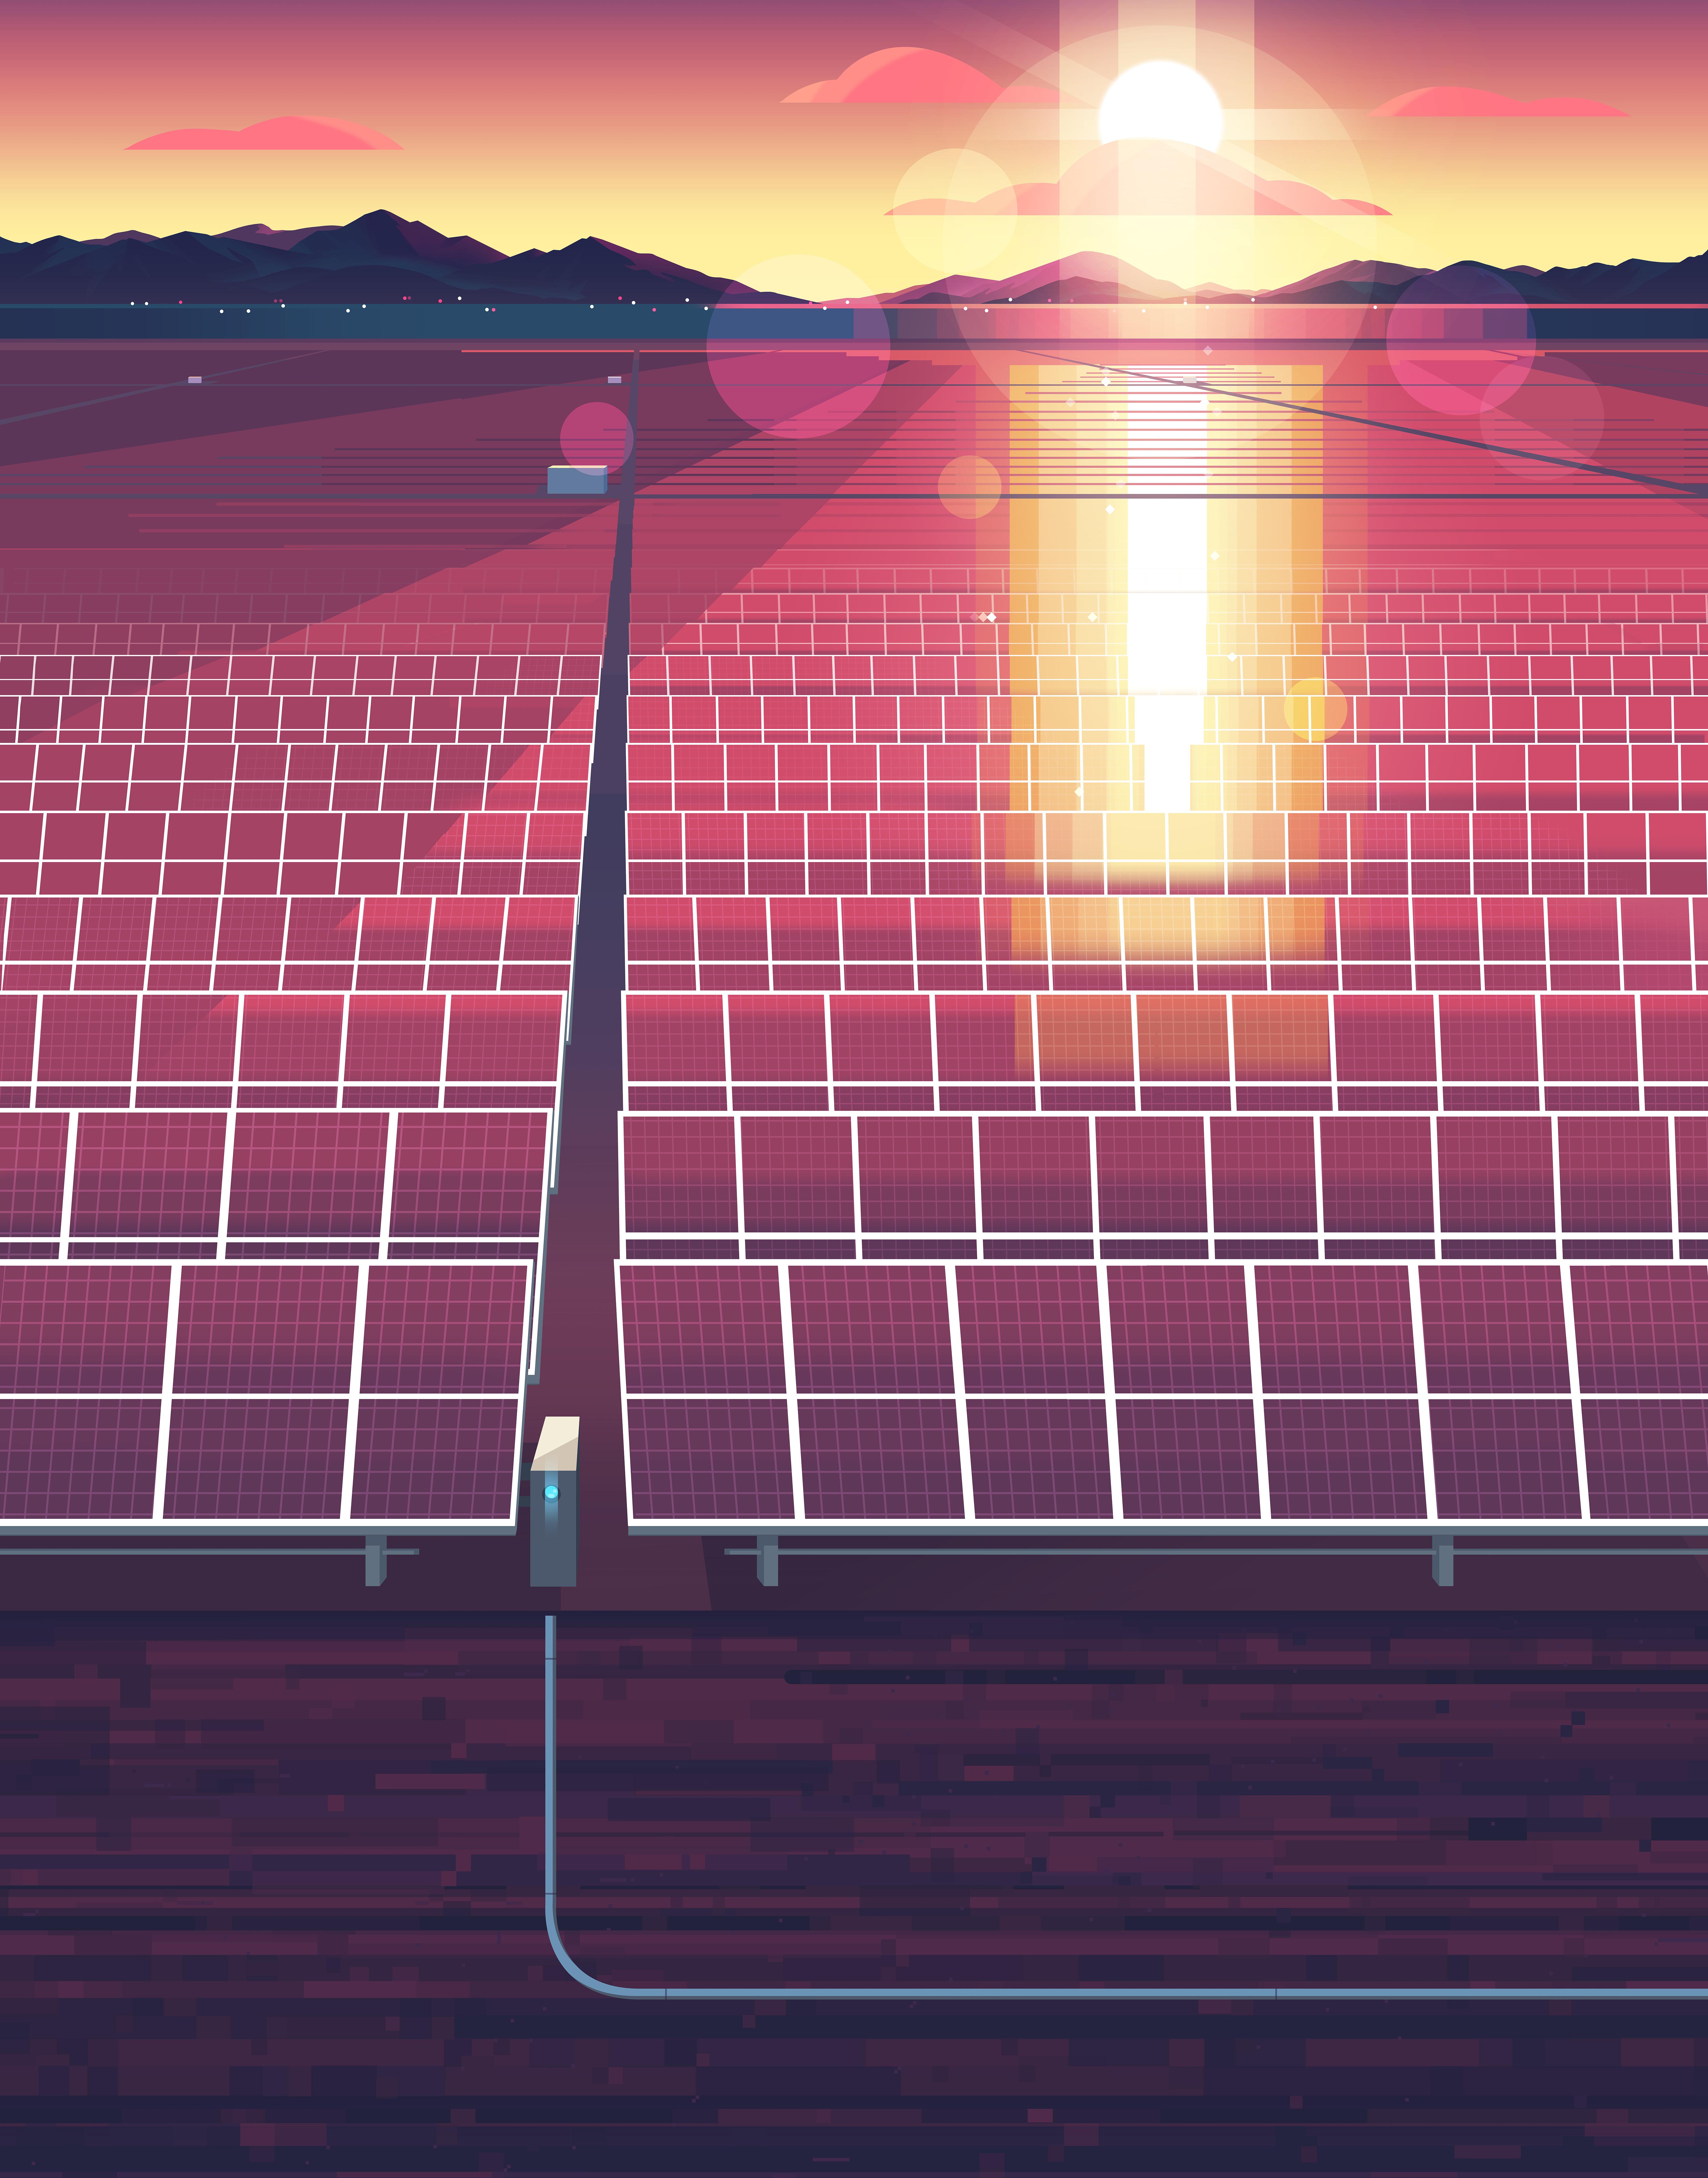 reservoir_solar-big- no battery revised_